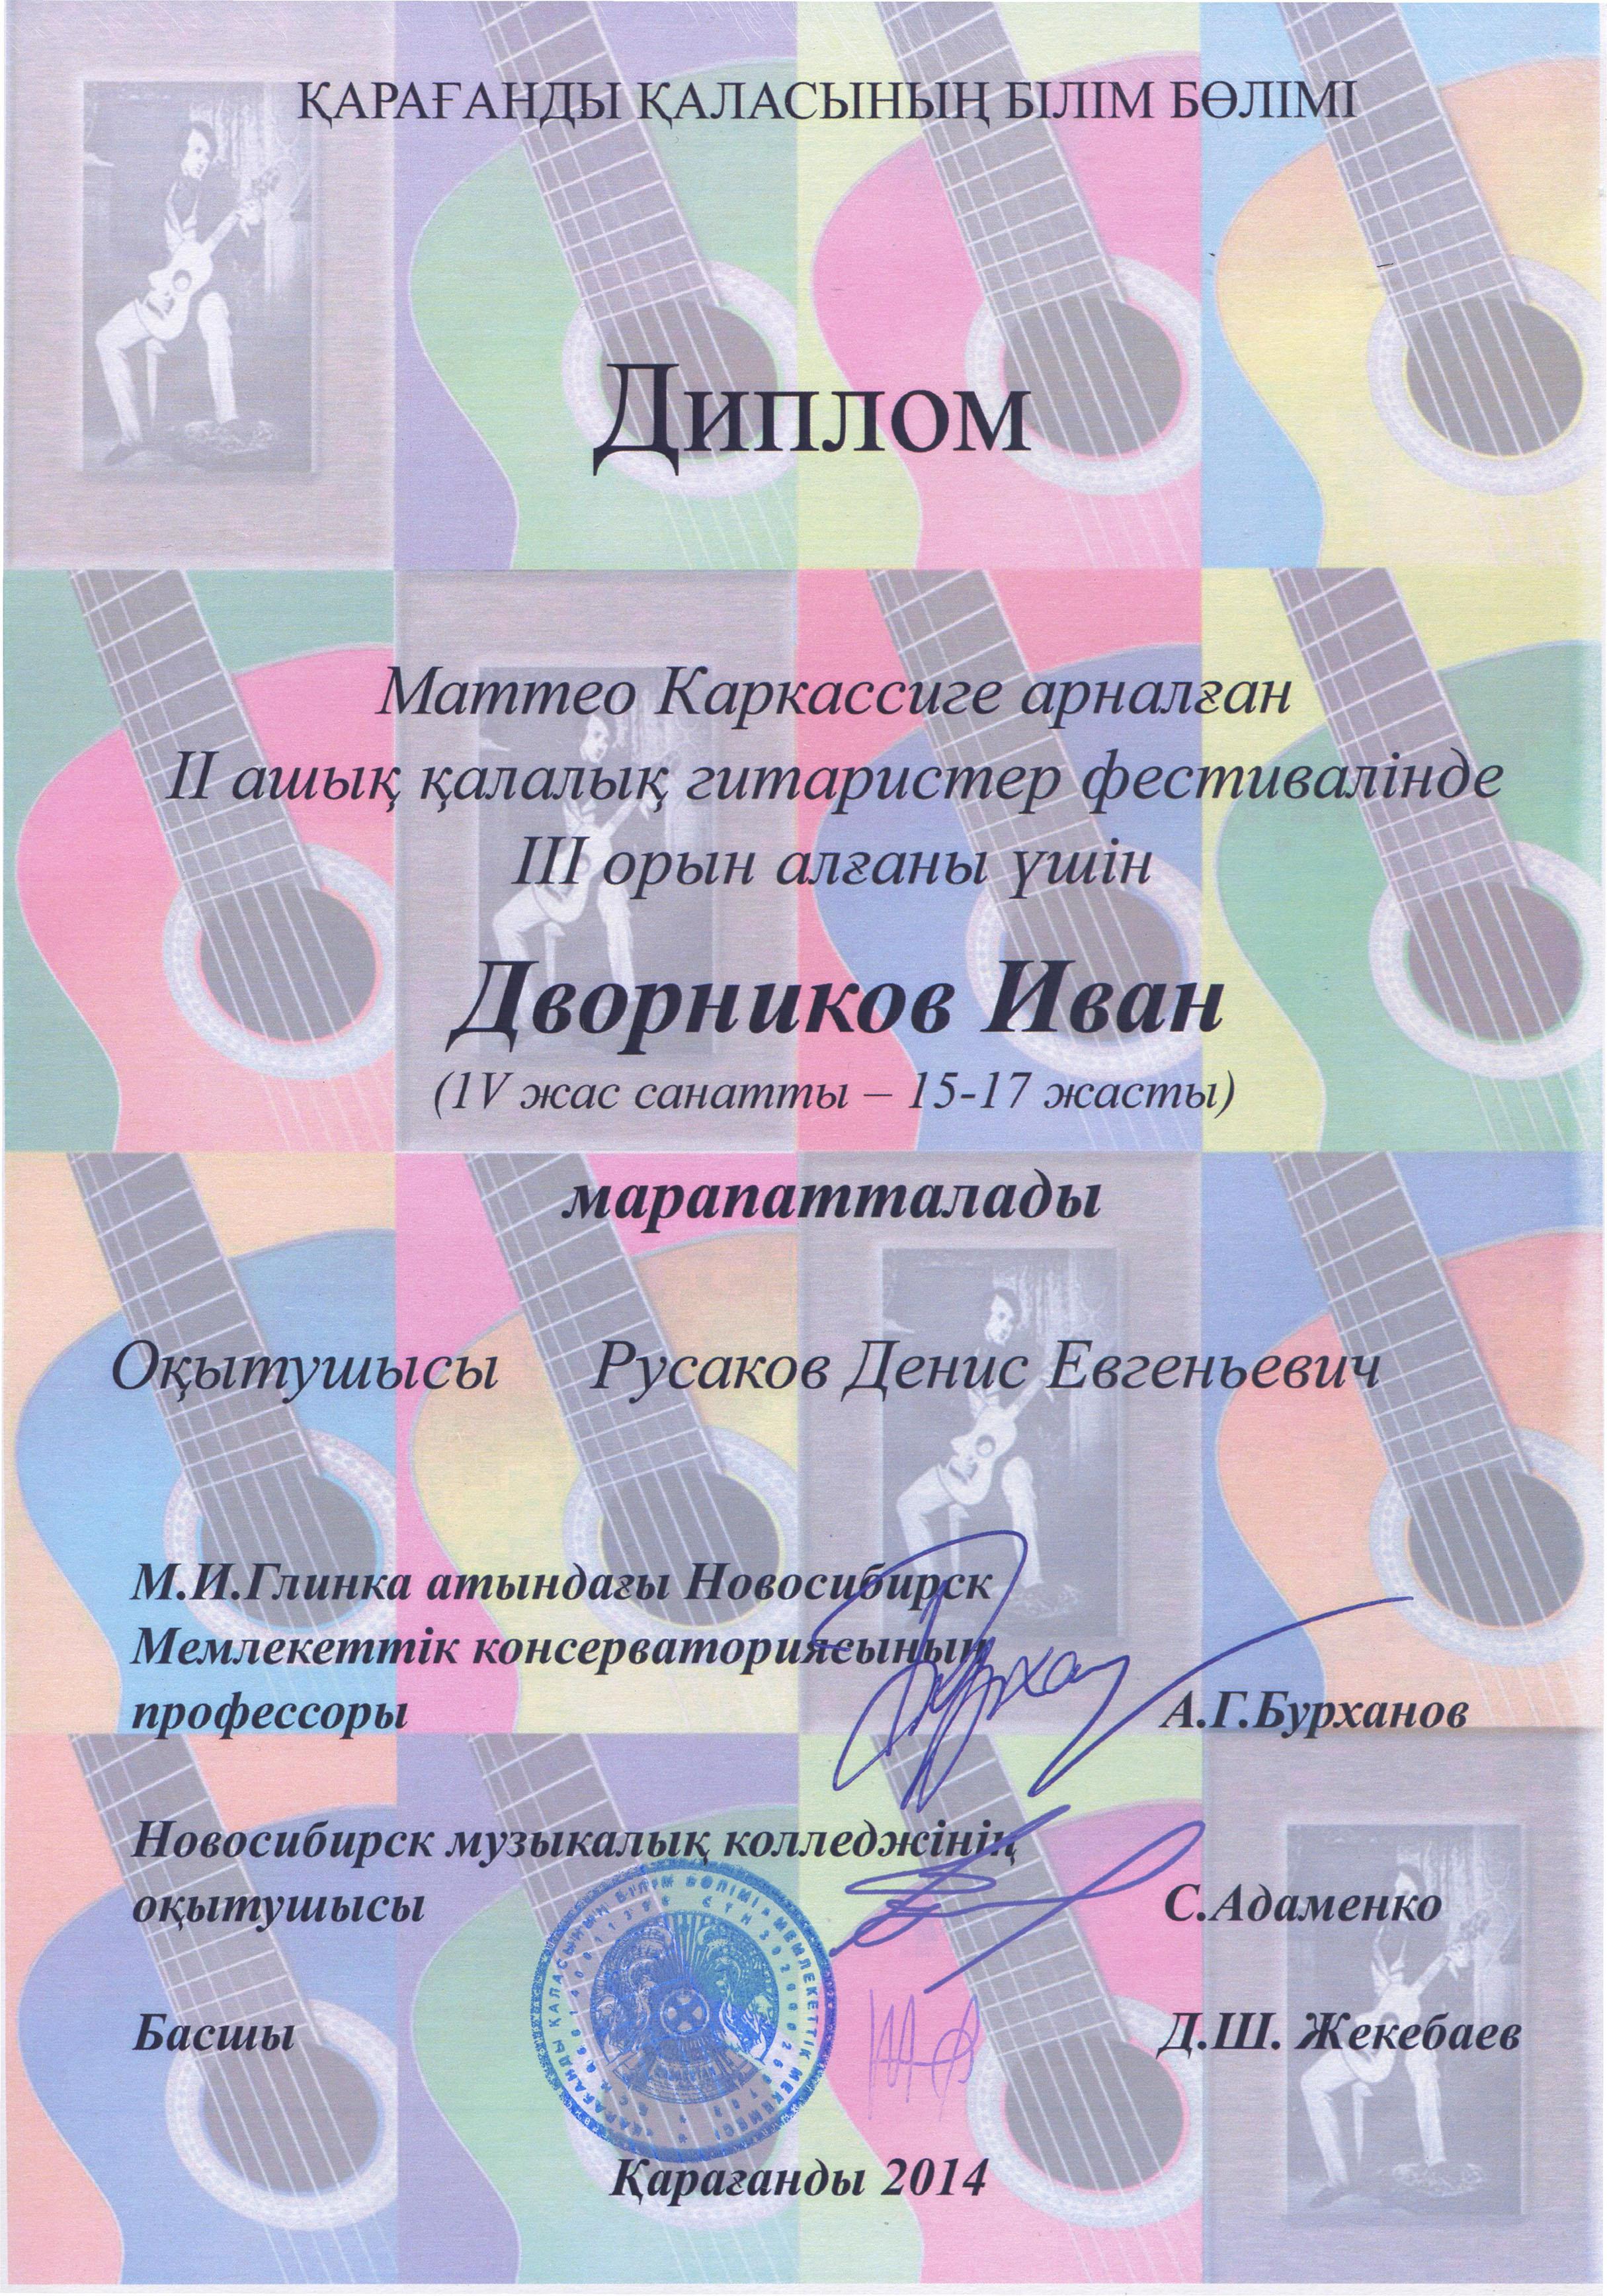 2014-03 Фестиваль Каркасси (Дворников диплом) 300 dpi